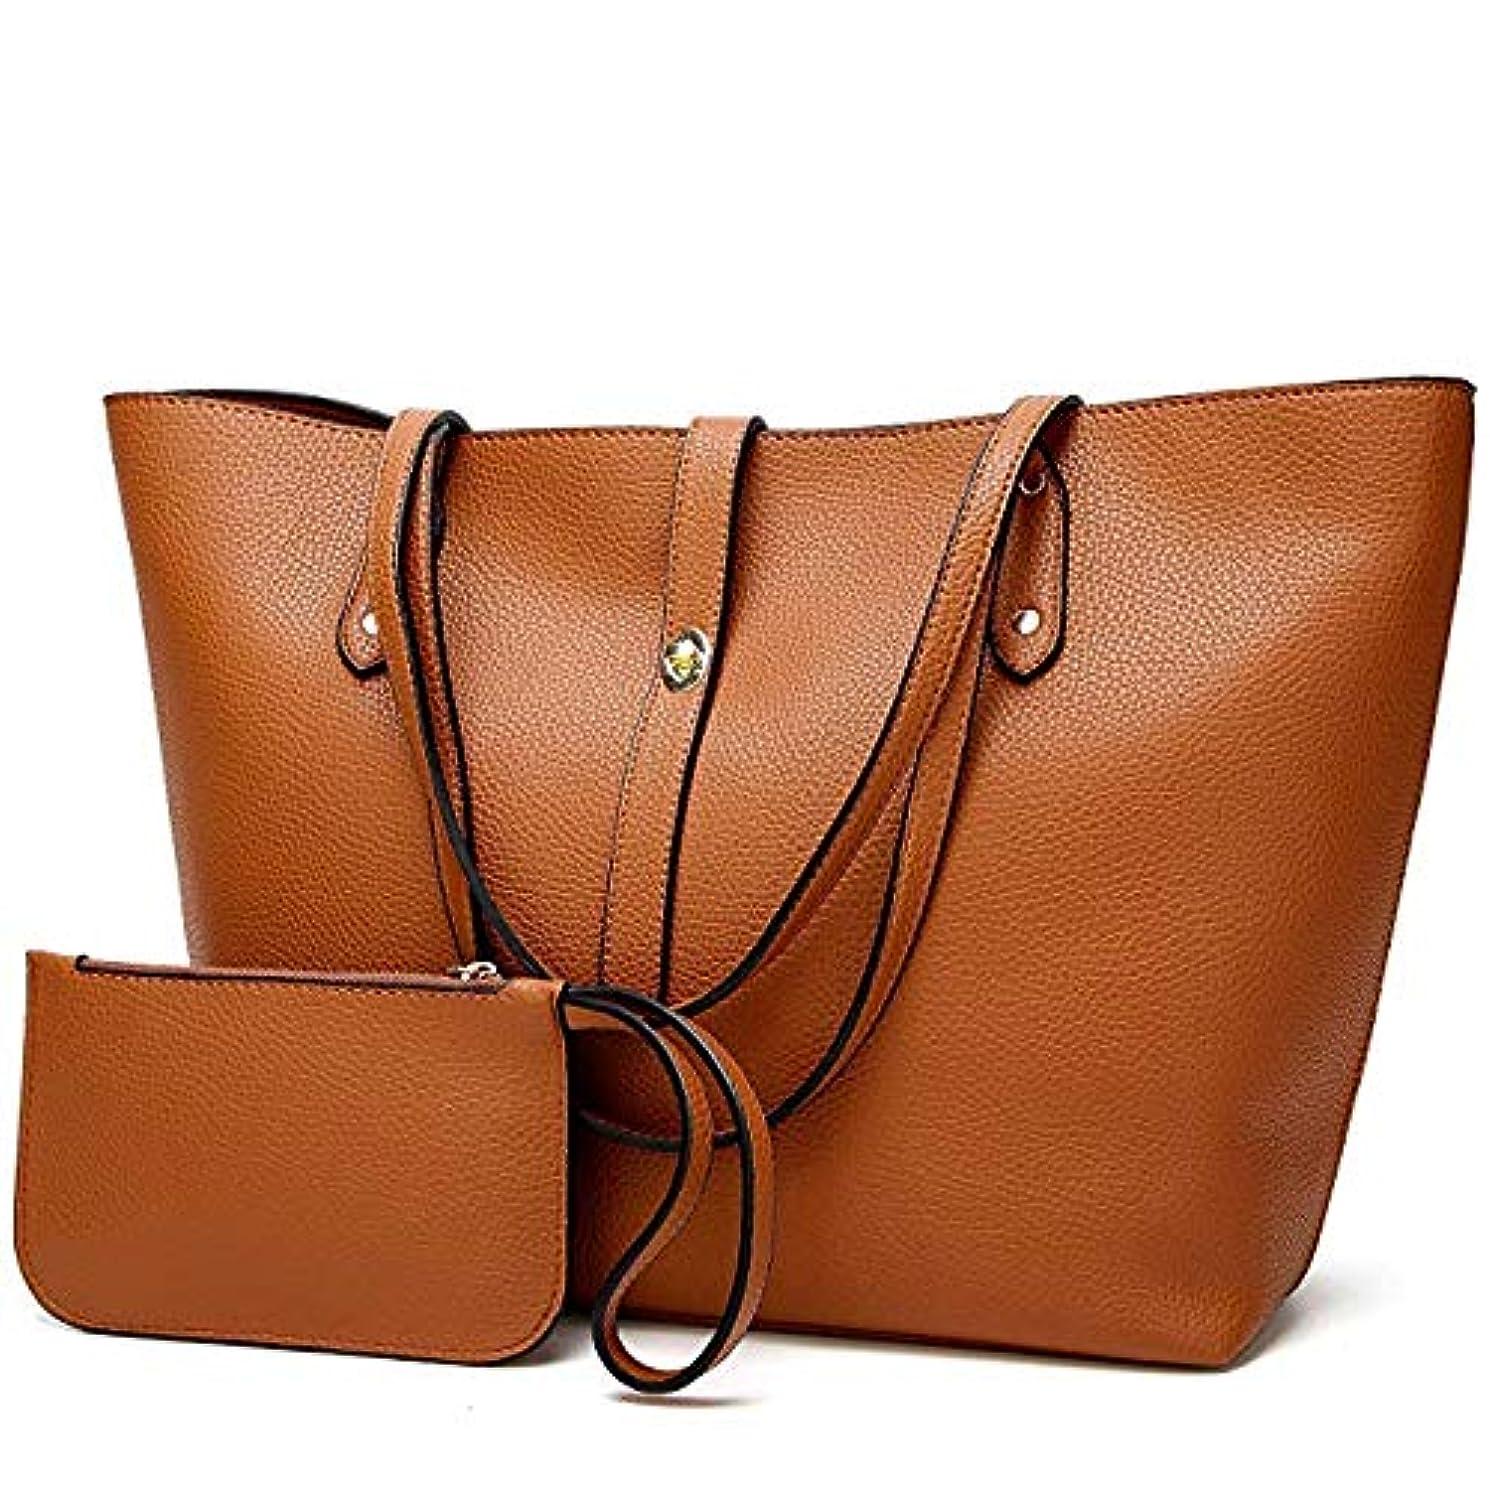 中央値ピクニック野ウサギ[TcIFE] ハンドバッグ レディース トートバッグ 大容量 無地 ショルダーバッグ 2way 財布とハンドバッグ